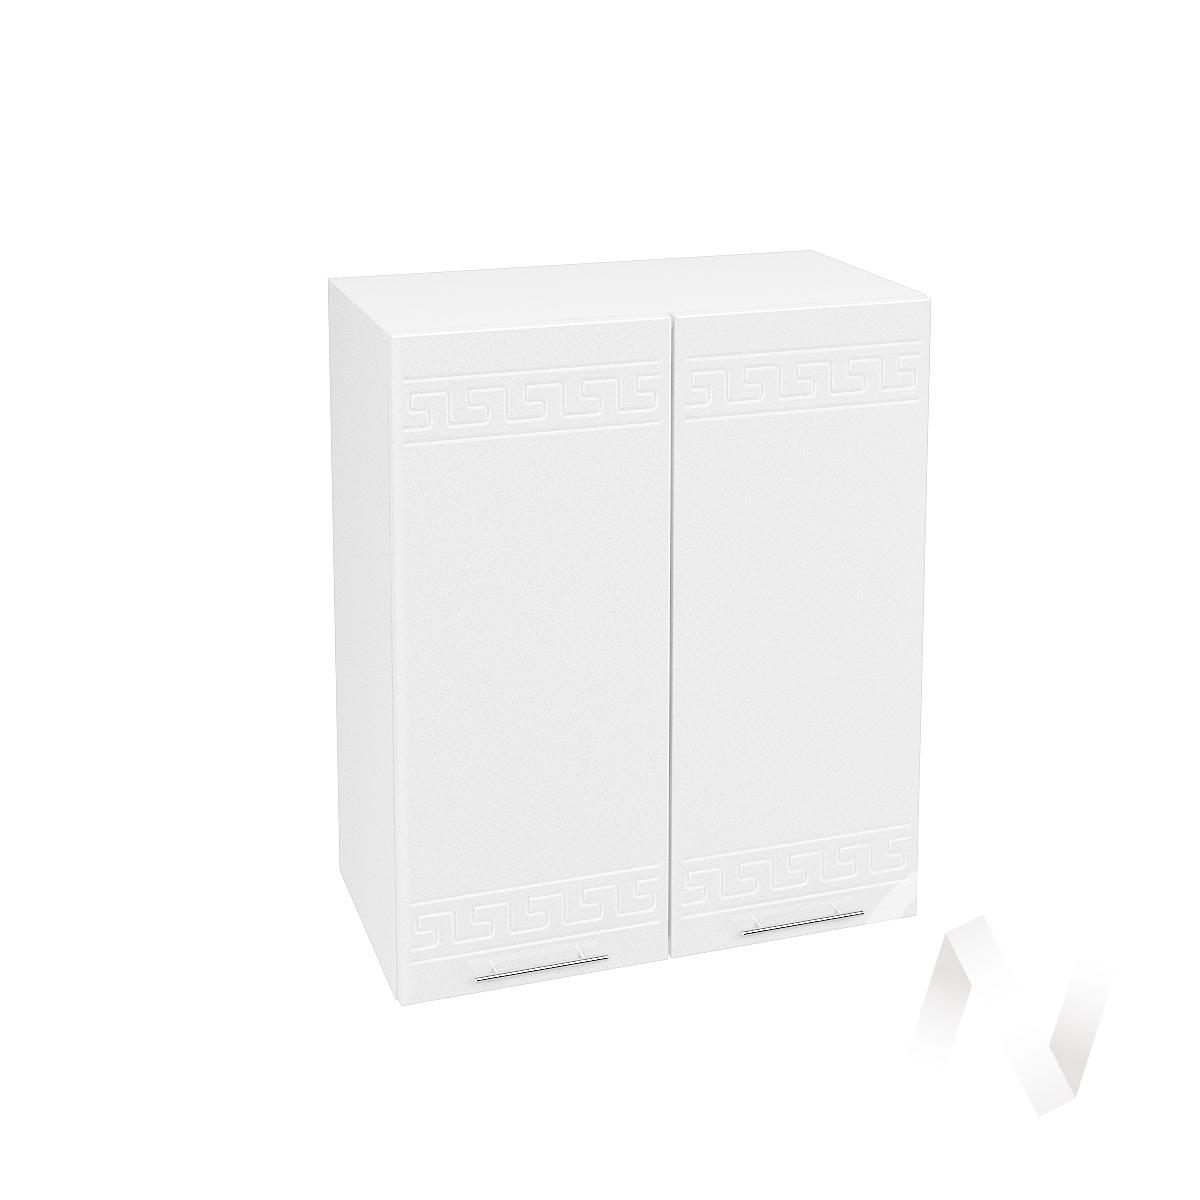 """Кухня """"Греция"""": Шкаф верхний 600, ШВ 600 (белый металлик/корпус белый)"""